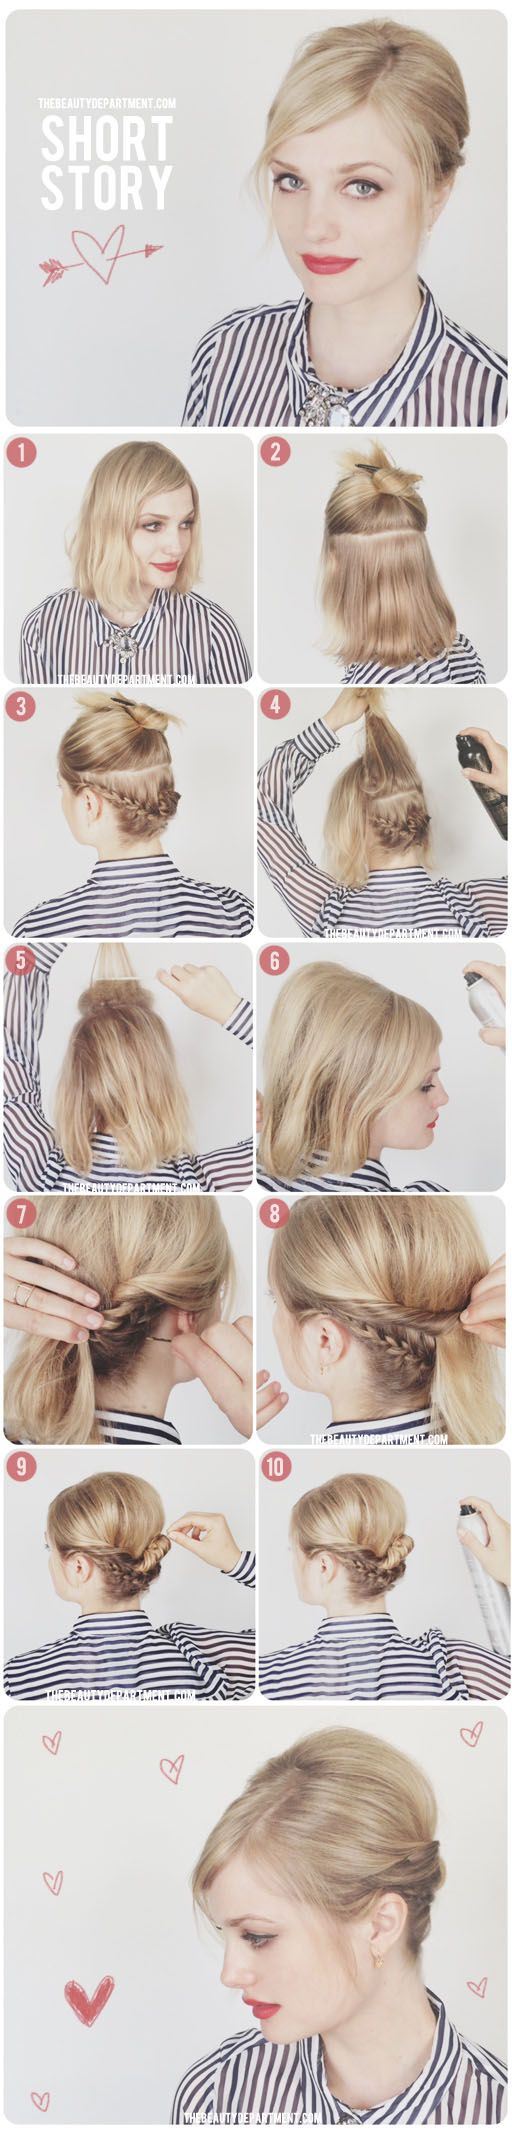 Простые прически на короткие волосы своими руками в домашних условиях 70